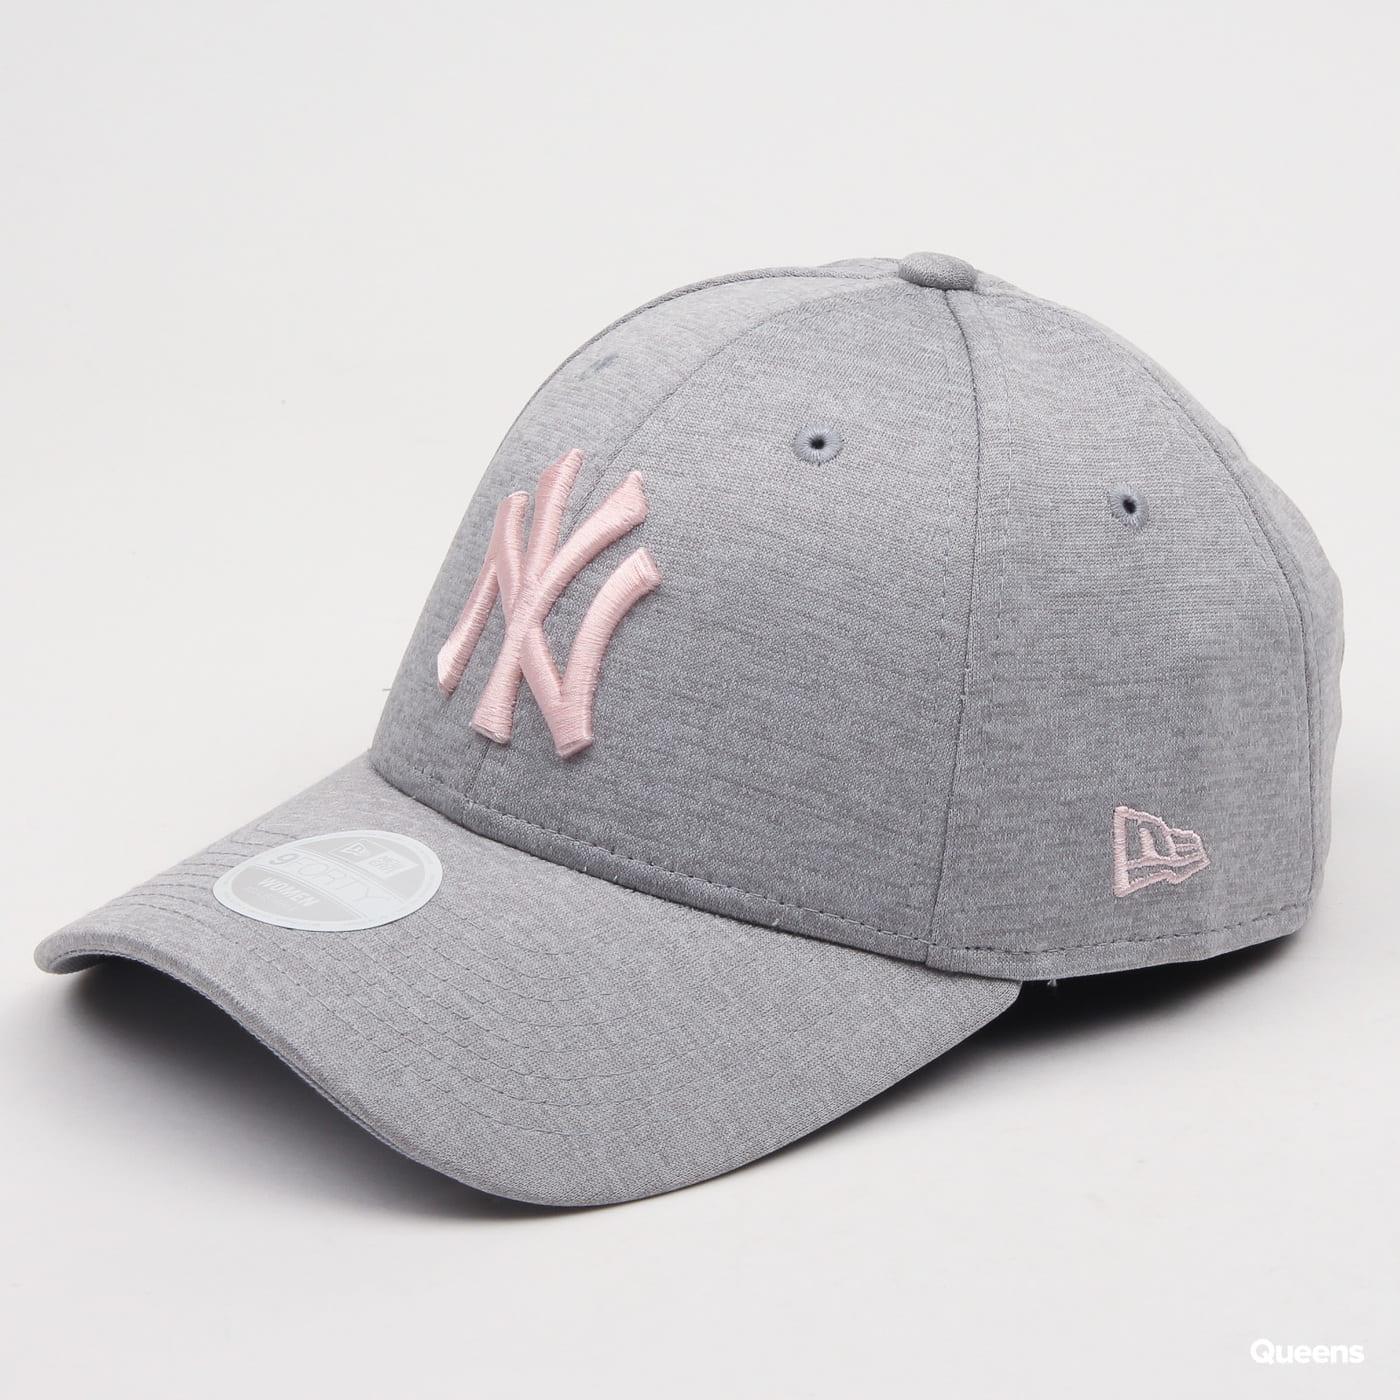 New Era 940W MLB WMNS Shadow Tech NY melange grau / grau